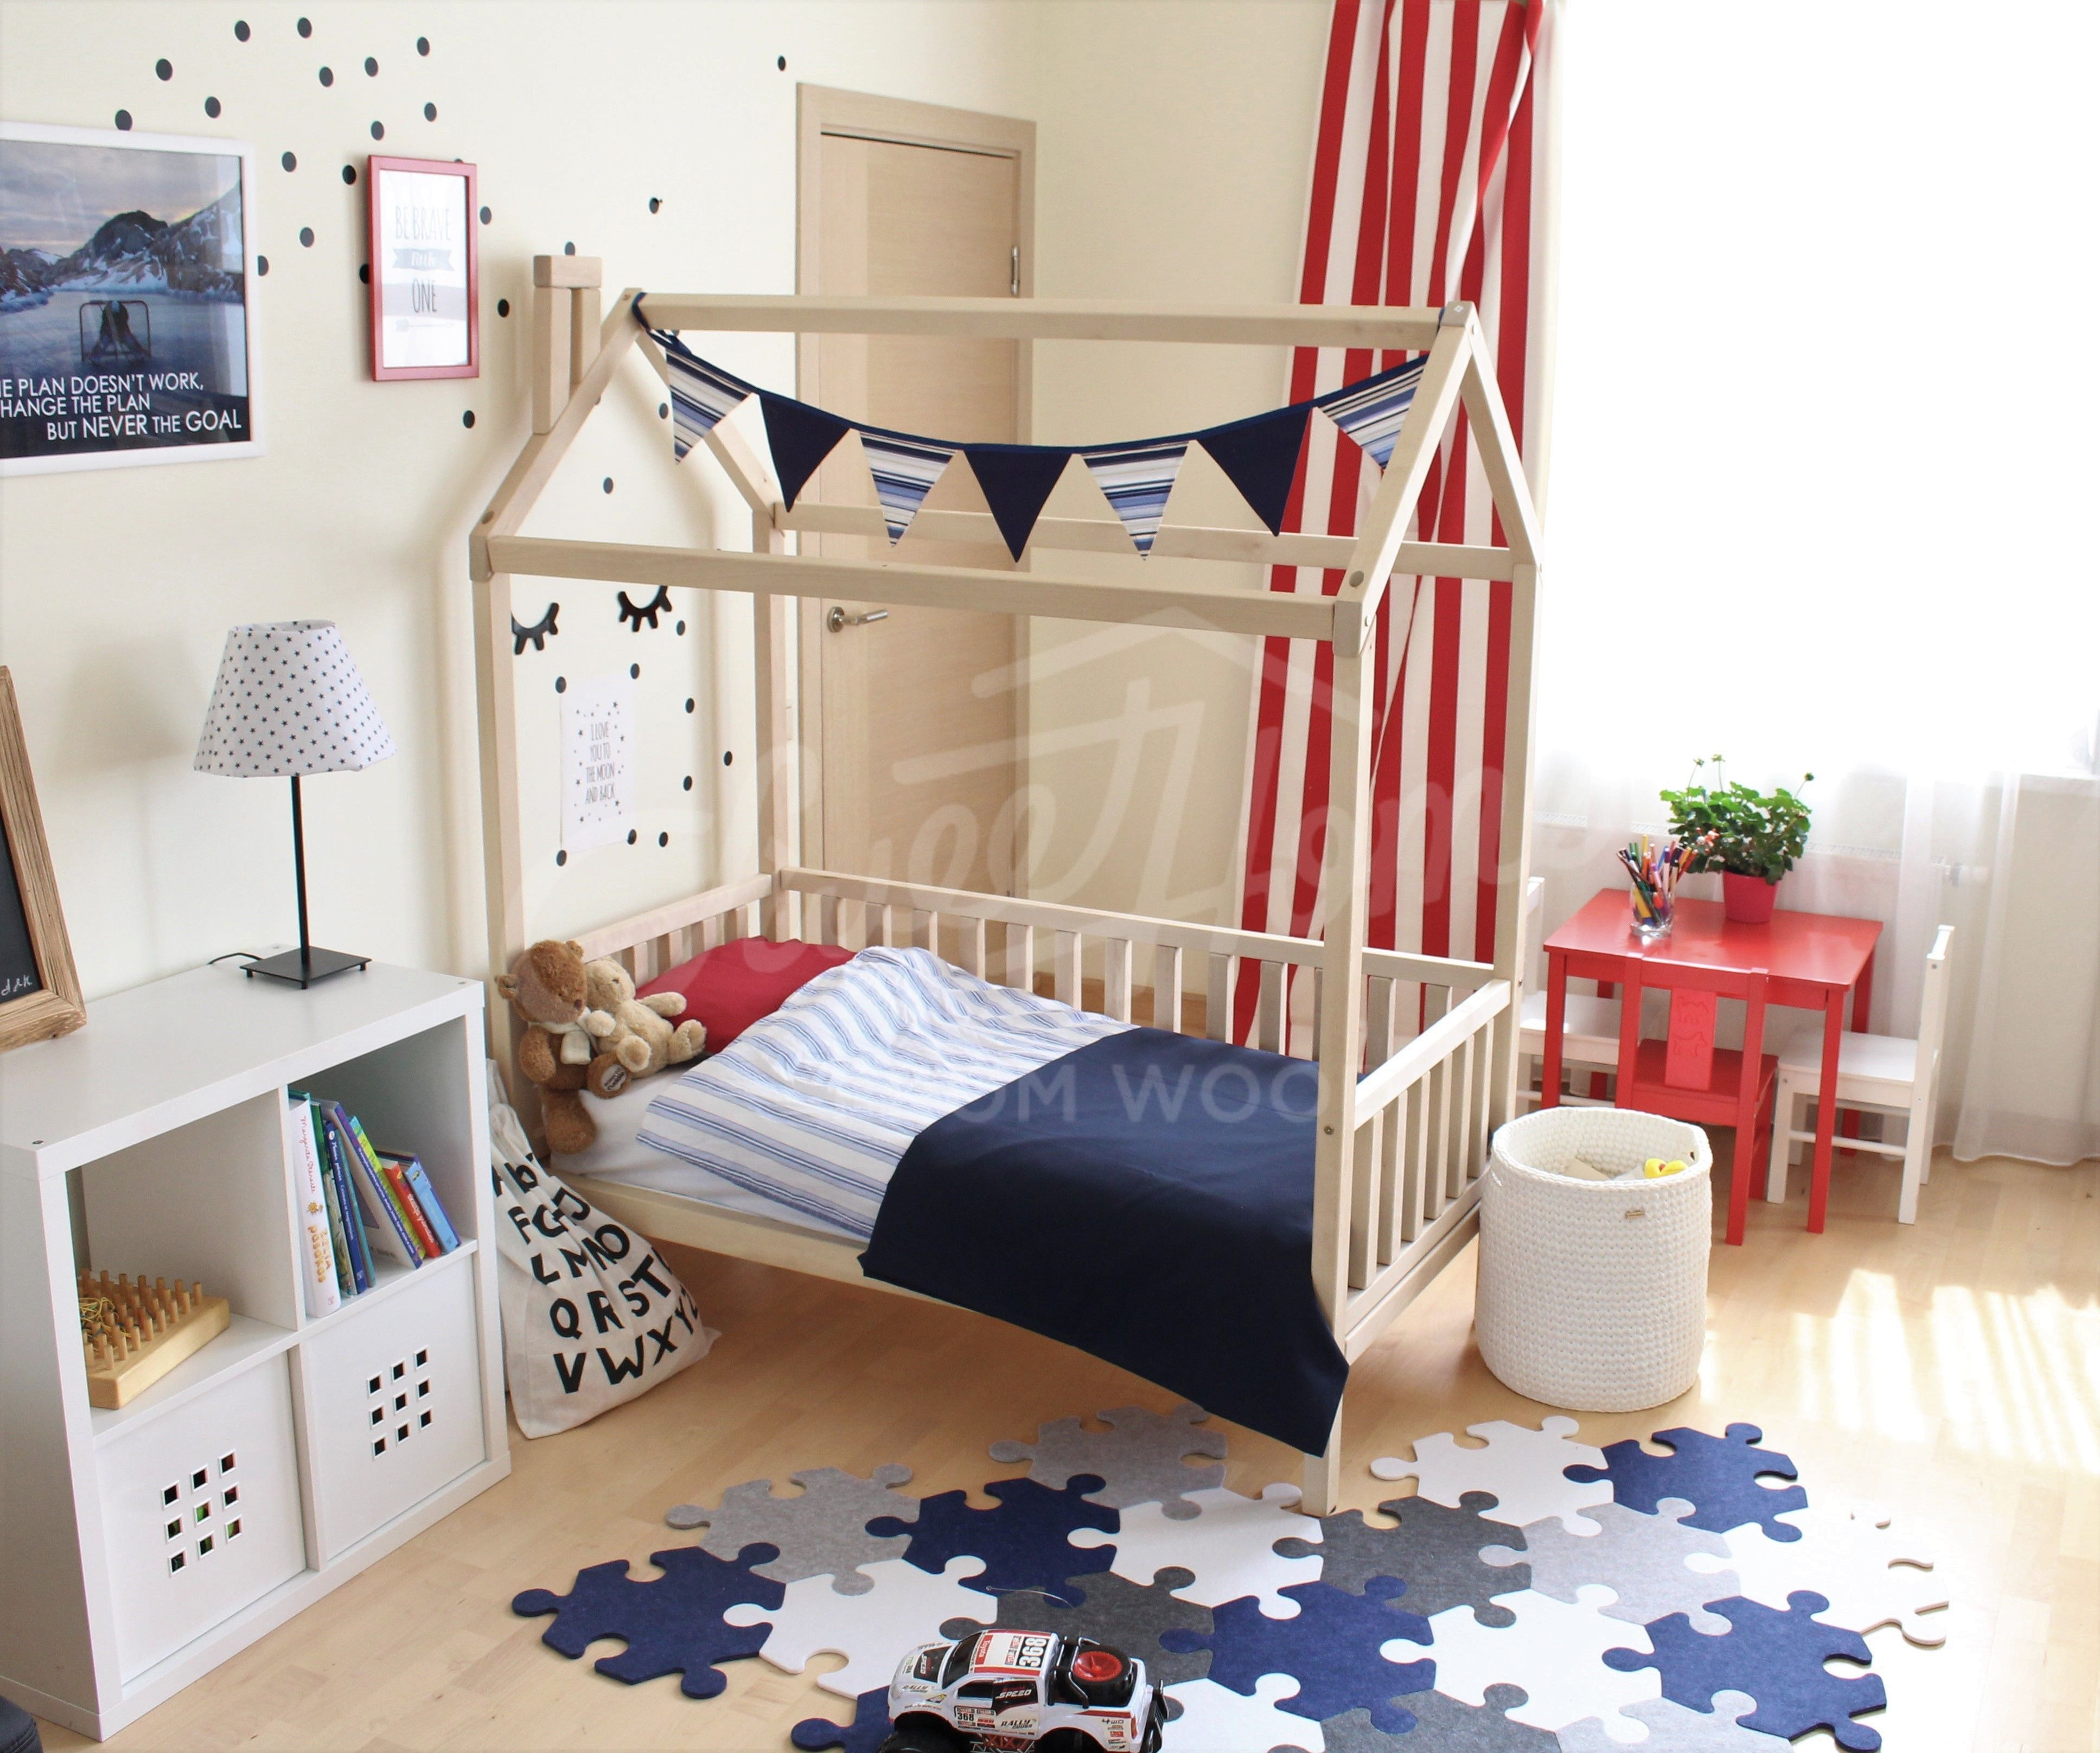 Kids Room House Bed Nursery Wooden